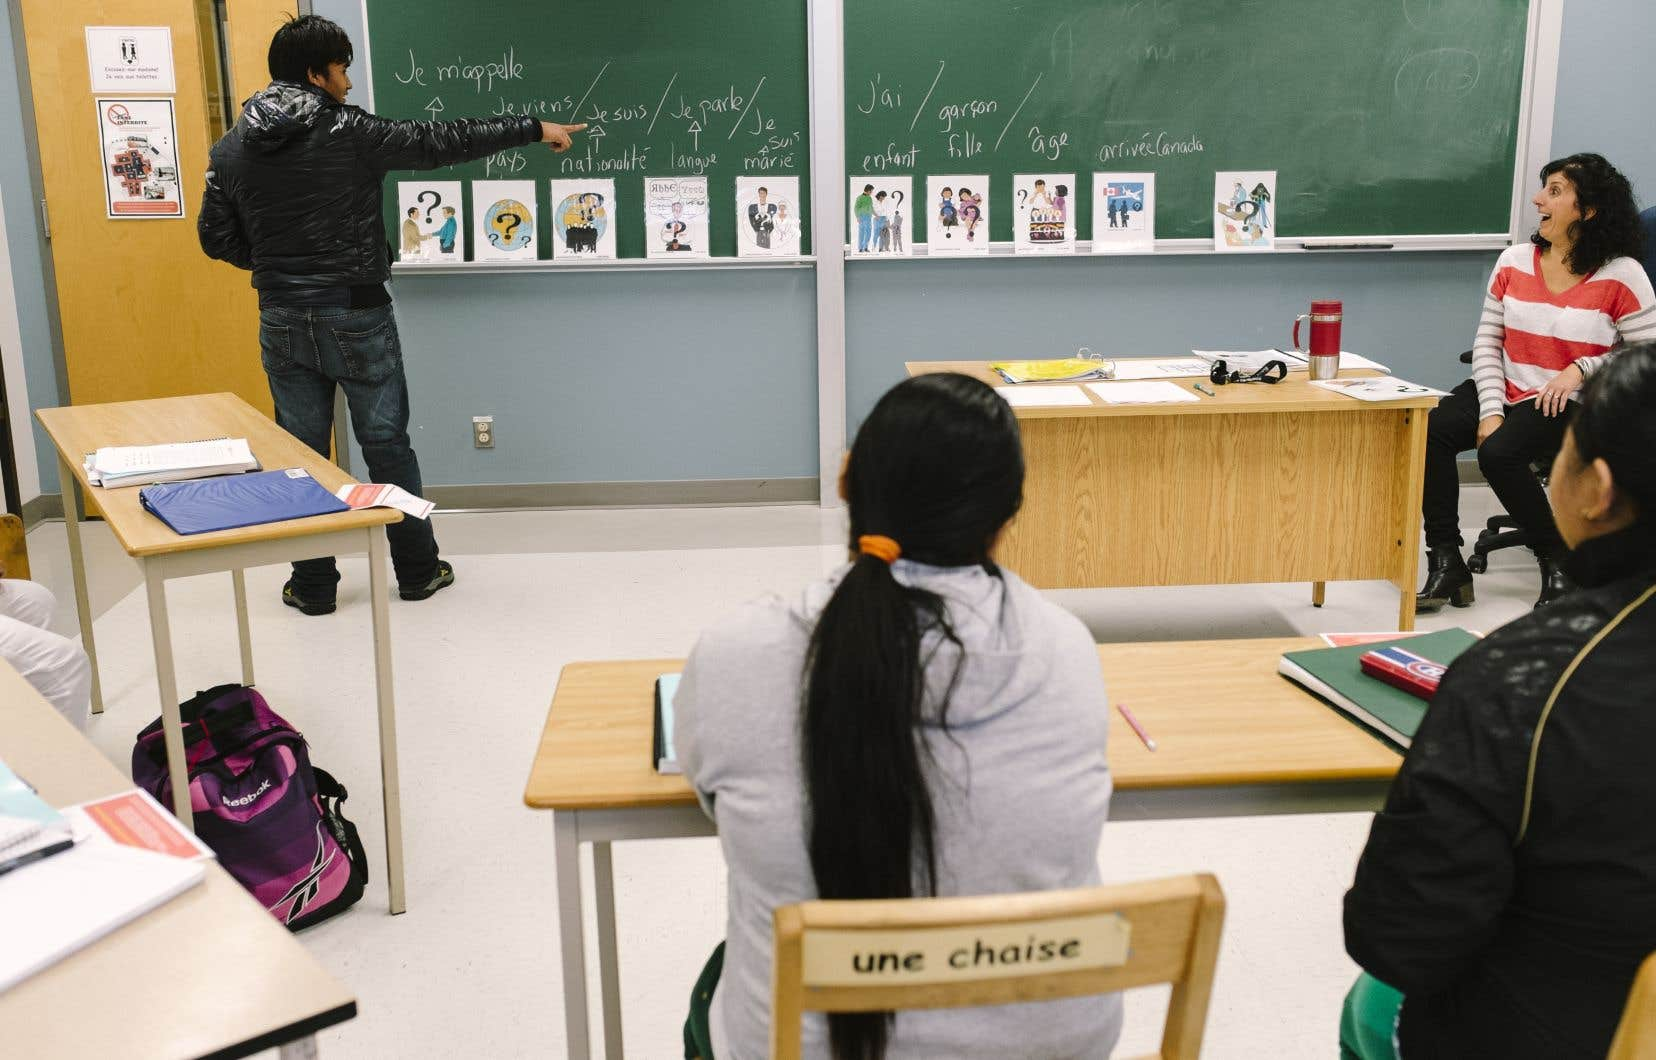 Entre 2010 et 2013, 31% des quelque 50 000 immigrants (de 16 ans et plus) ne parlant pas français avaient participé à des cours de francisation, rapportait la vérificatrice générale, Guylaine Leclerc.